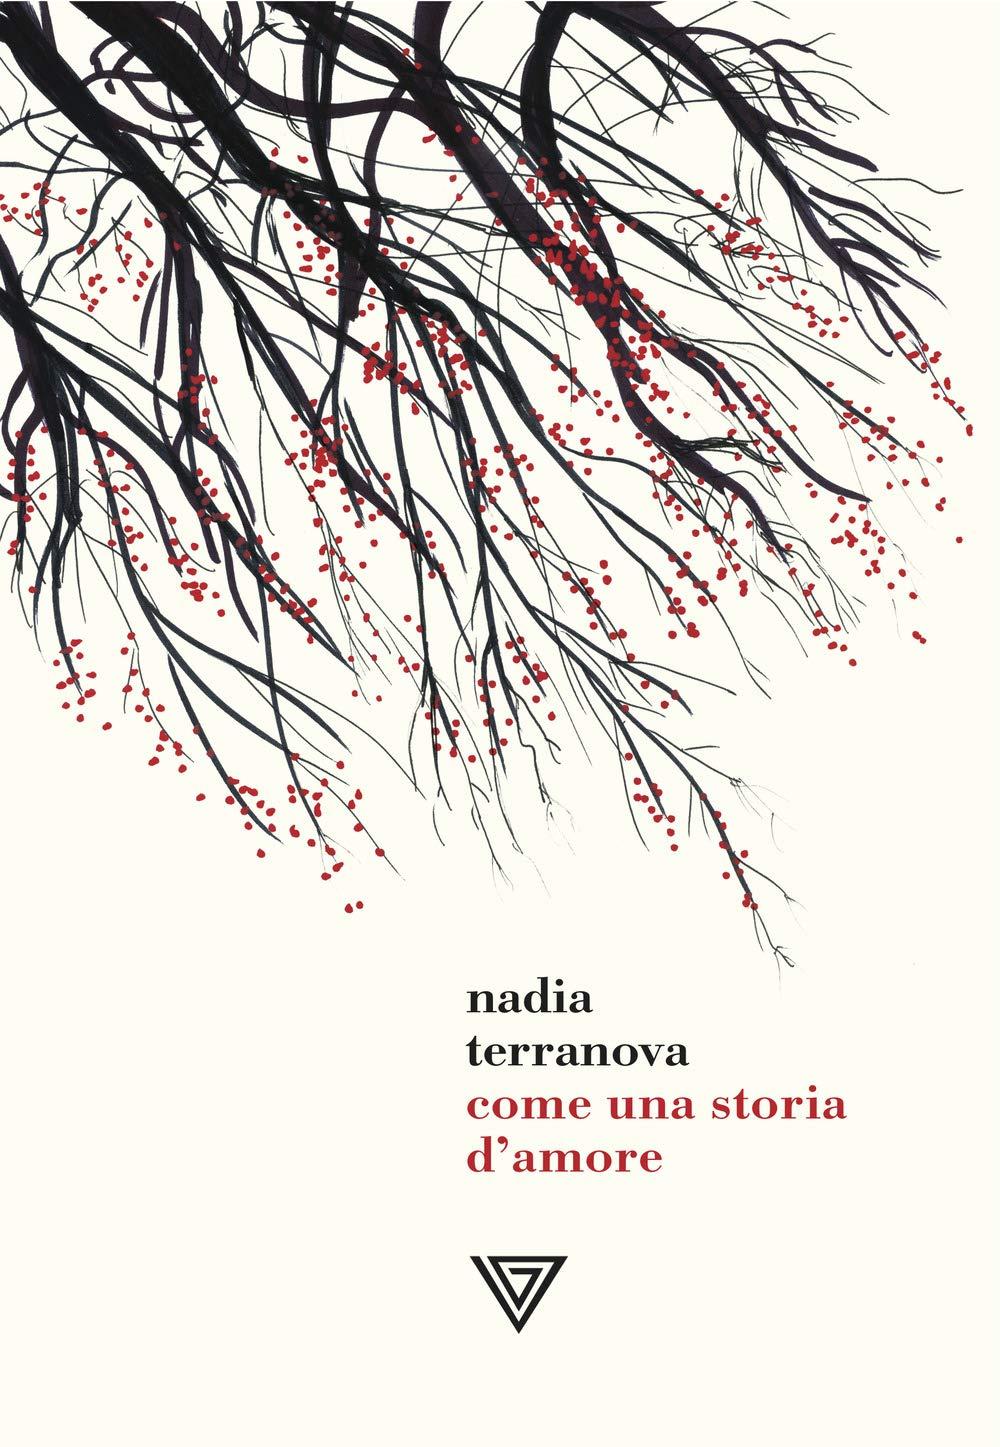 Amazon.it: Come una storia d'amore - Terranova, Nadia - Libri